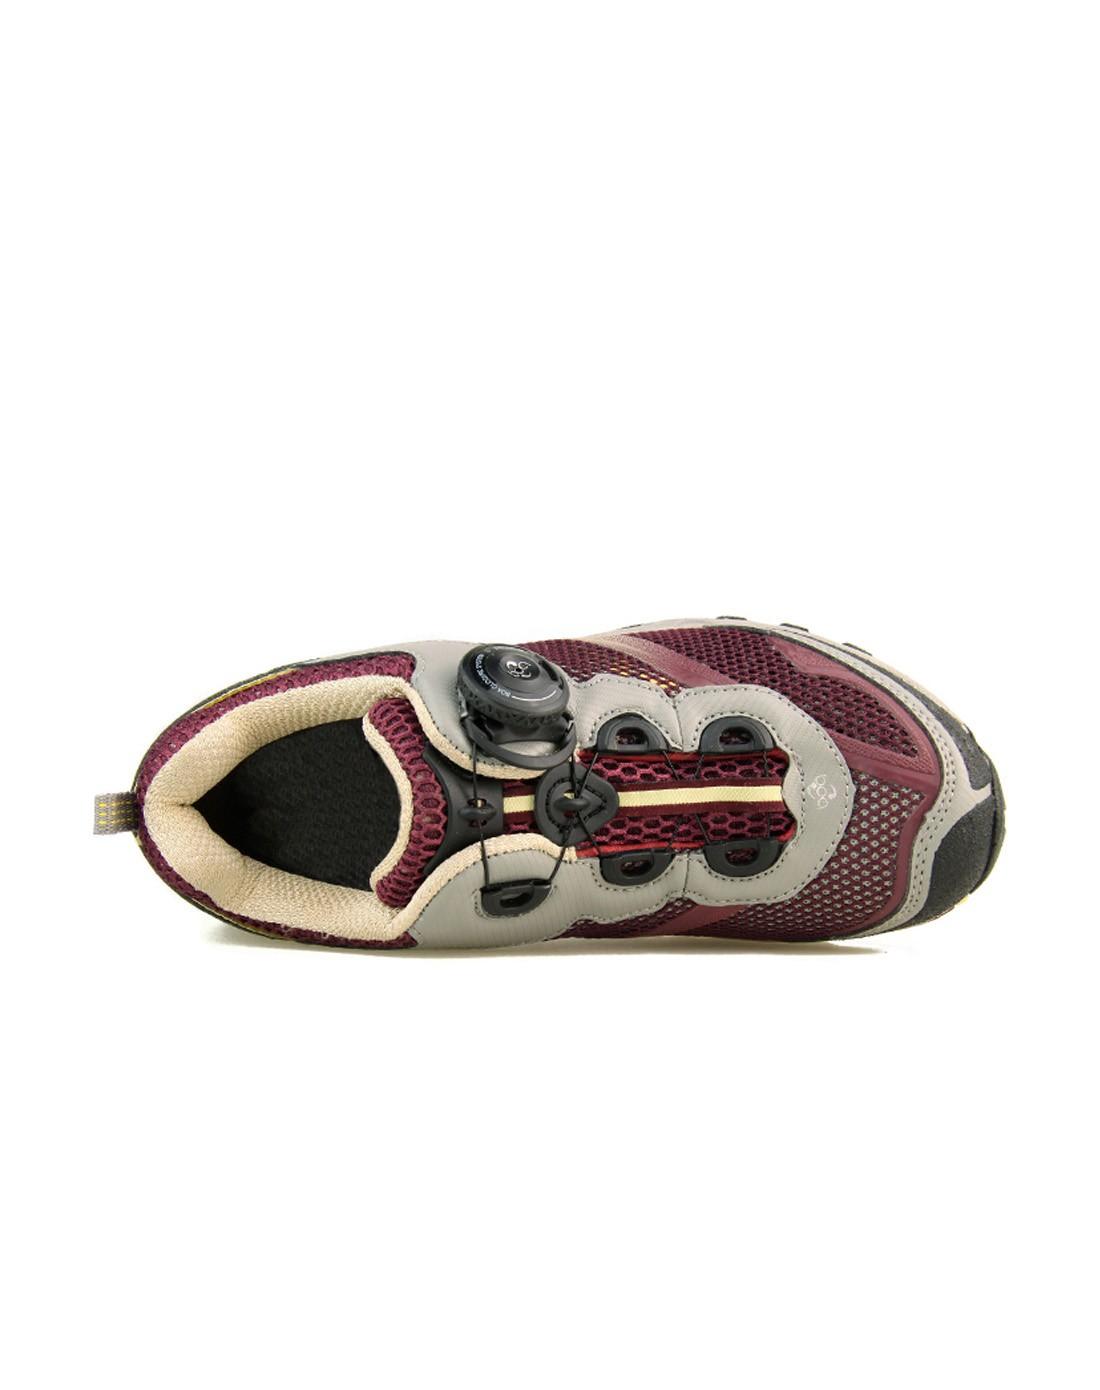 ซื้อรองเท้าวิ่งเทรล โดยธรรมชาติ ทาง,รองเท้าวิ่งเทรล โดยธรรมชาติ ทางราคา,รองเท้าวิ่งเทรล โดยธรรมชาติ ทางแบรนด์,รองเท้าวิ่งเทรล โดยธรรมชาติ ทางผู้ผลิต,รองเท้าวิ่งเทรล โดยธรรมชาติ ทางสภาวะตลาด,รองเท้าวิ่งเทรล โดยธรรมชาติ ทางบริษัท